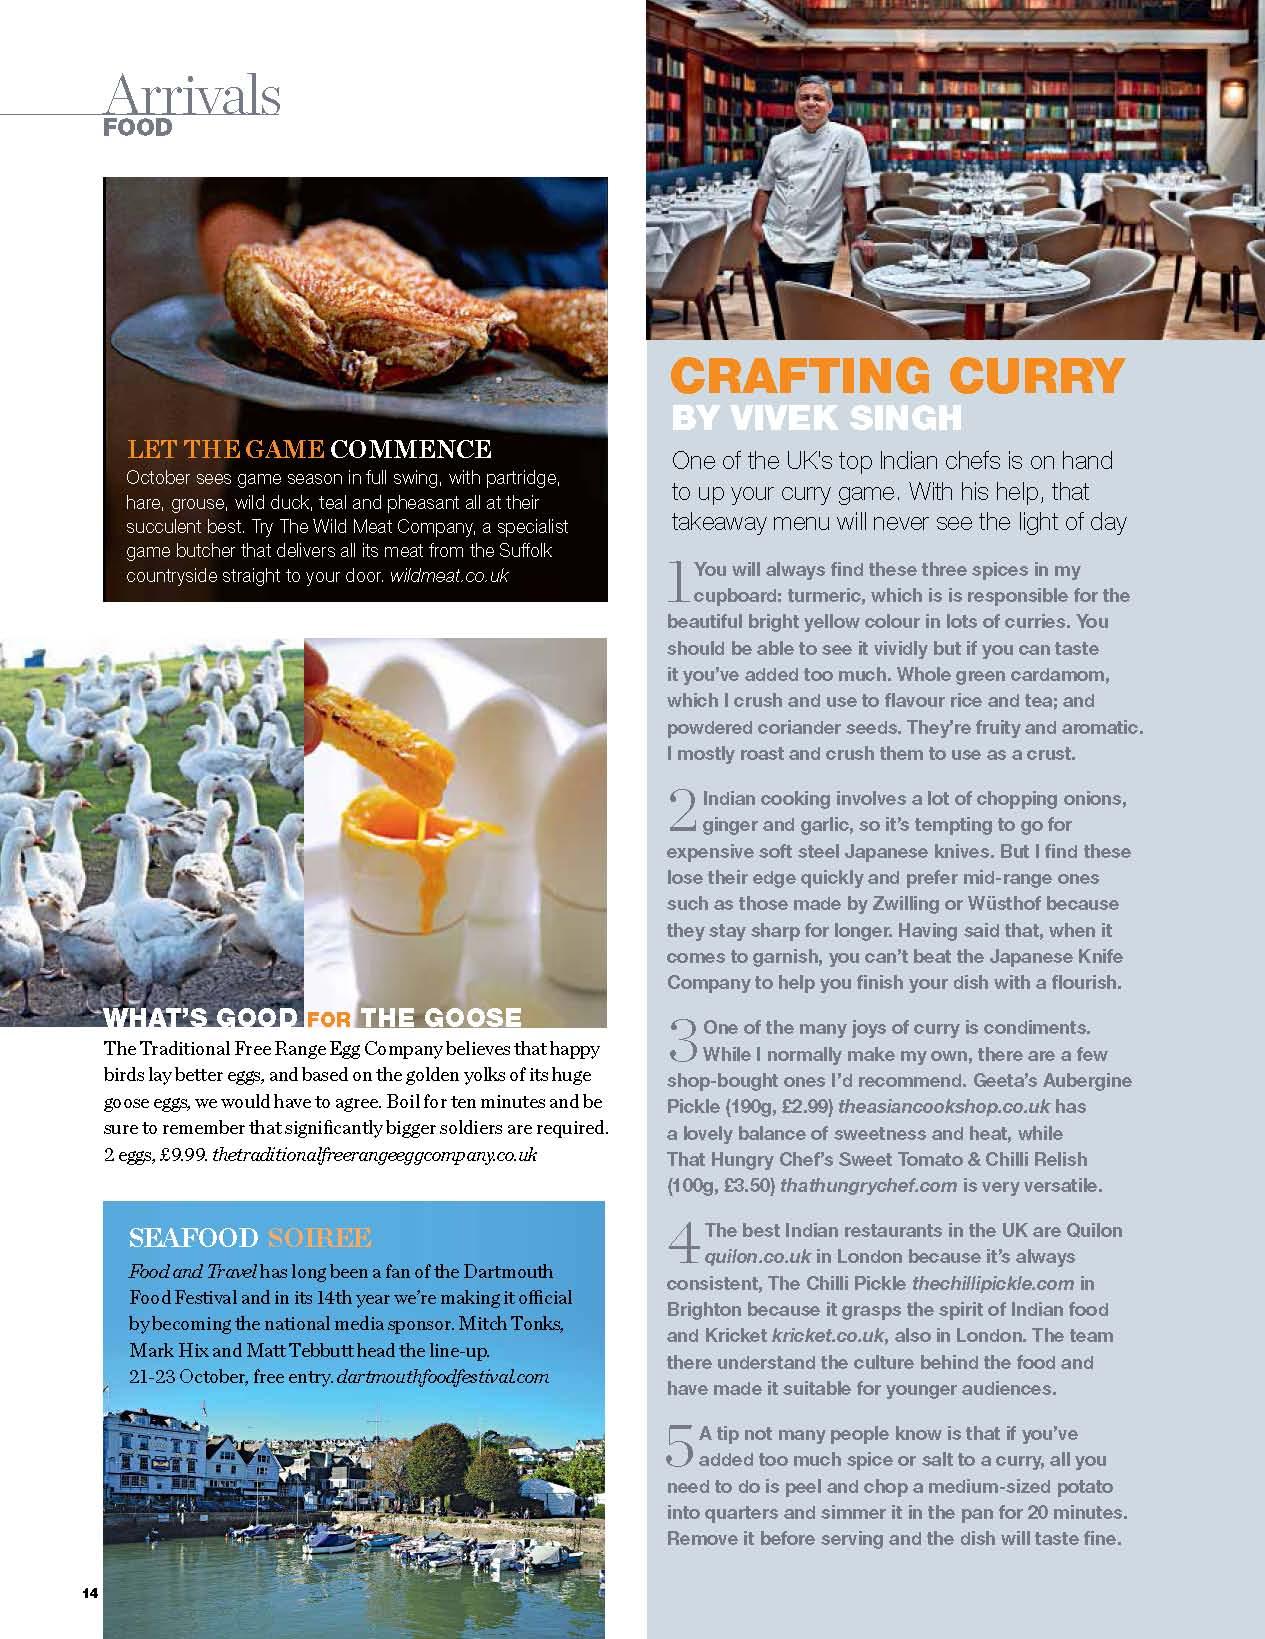 013_F&TOctober16_FoodNews.v2_Page_2.jpg